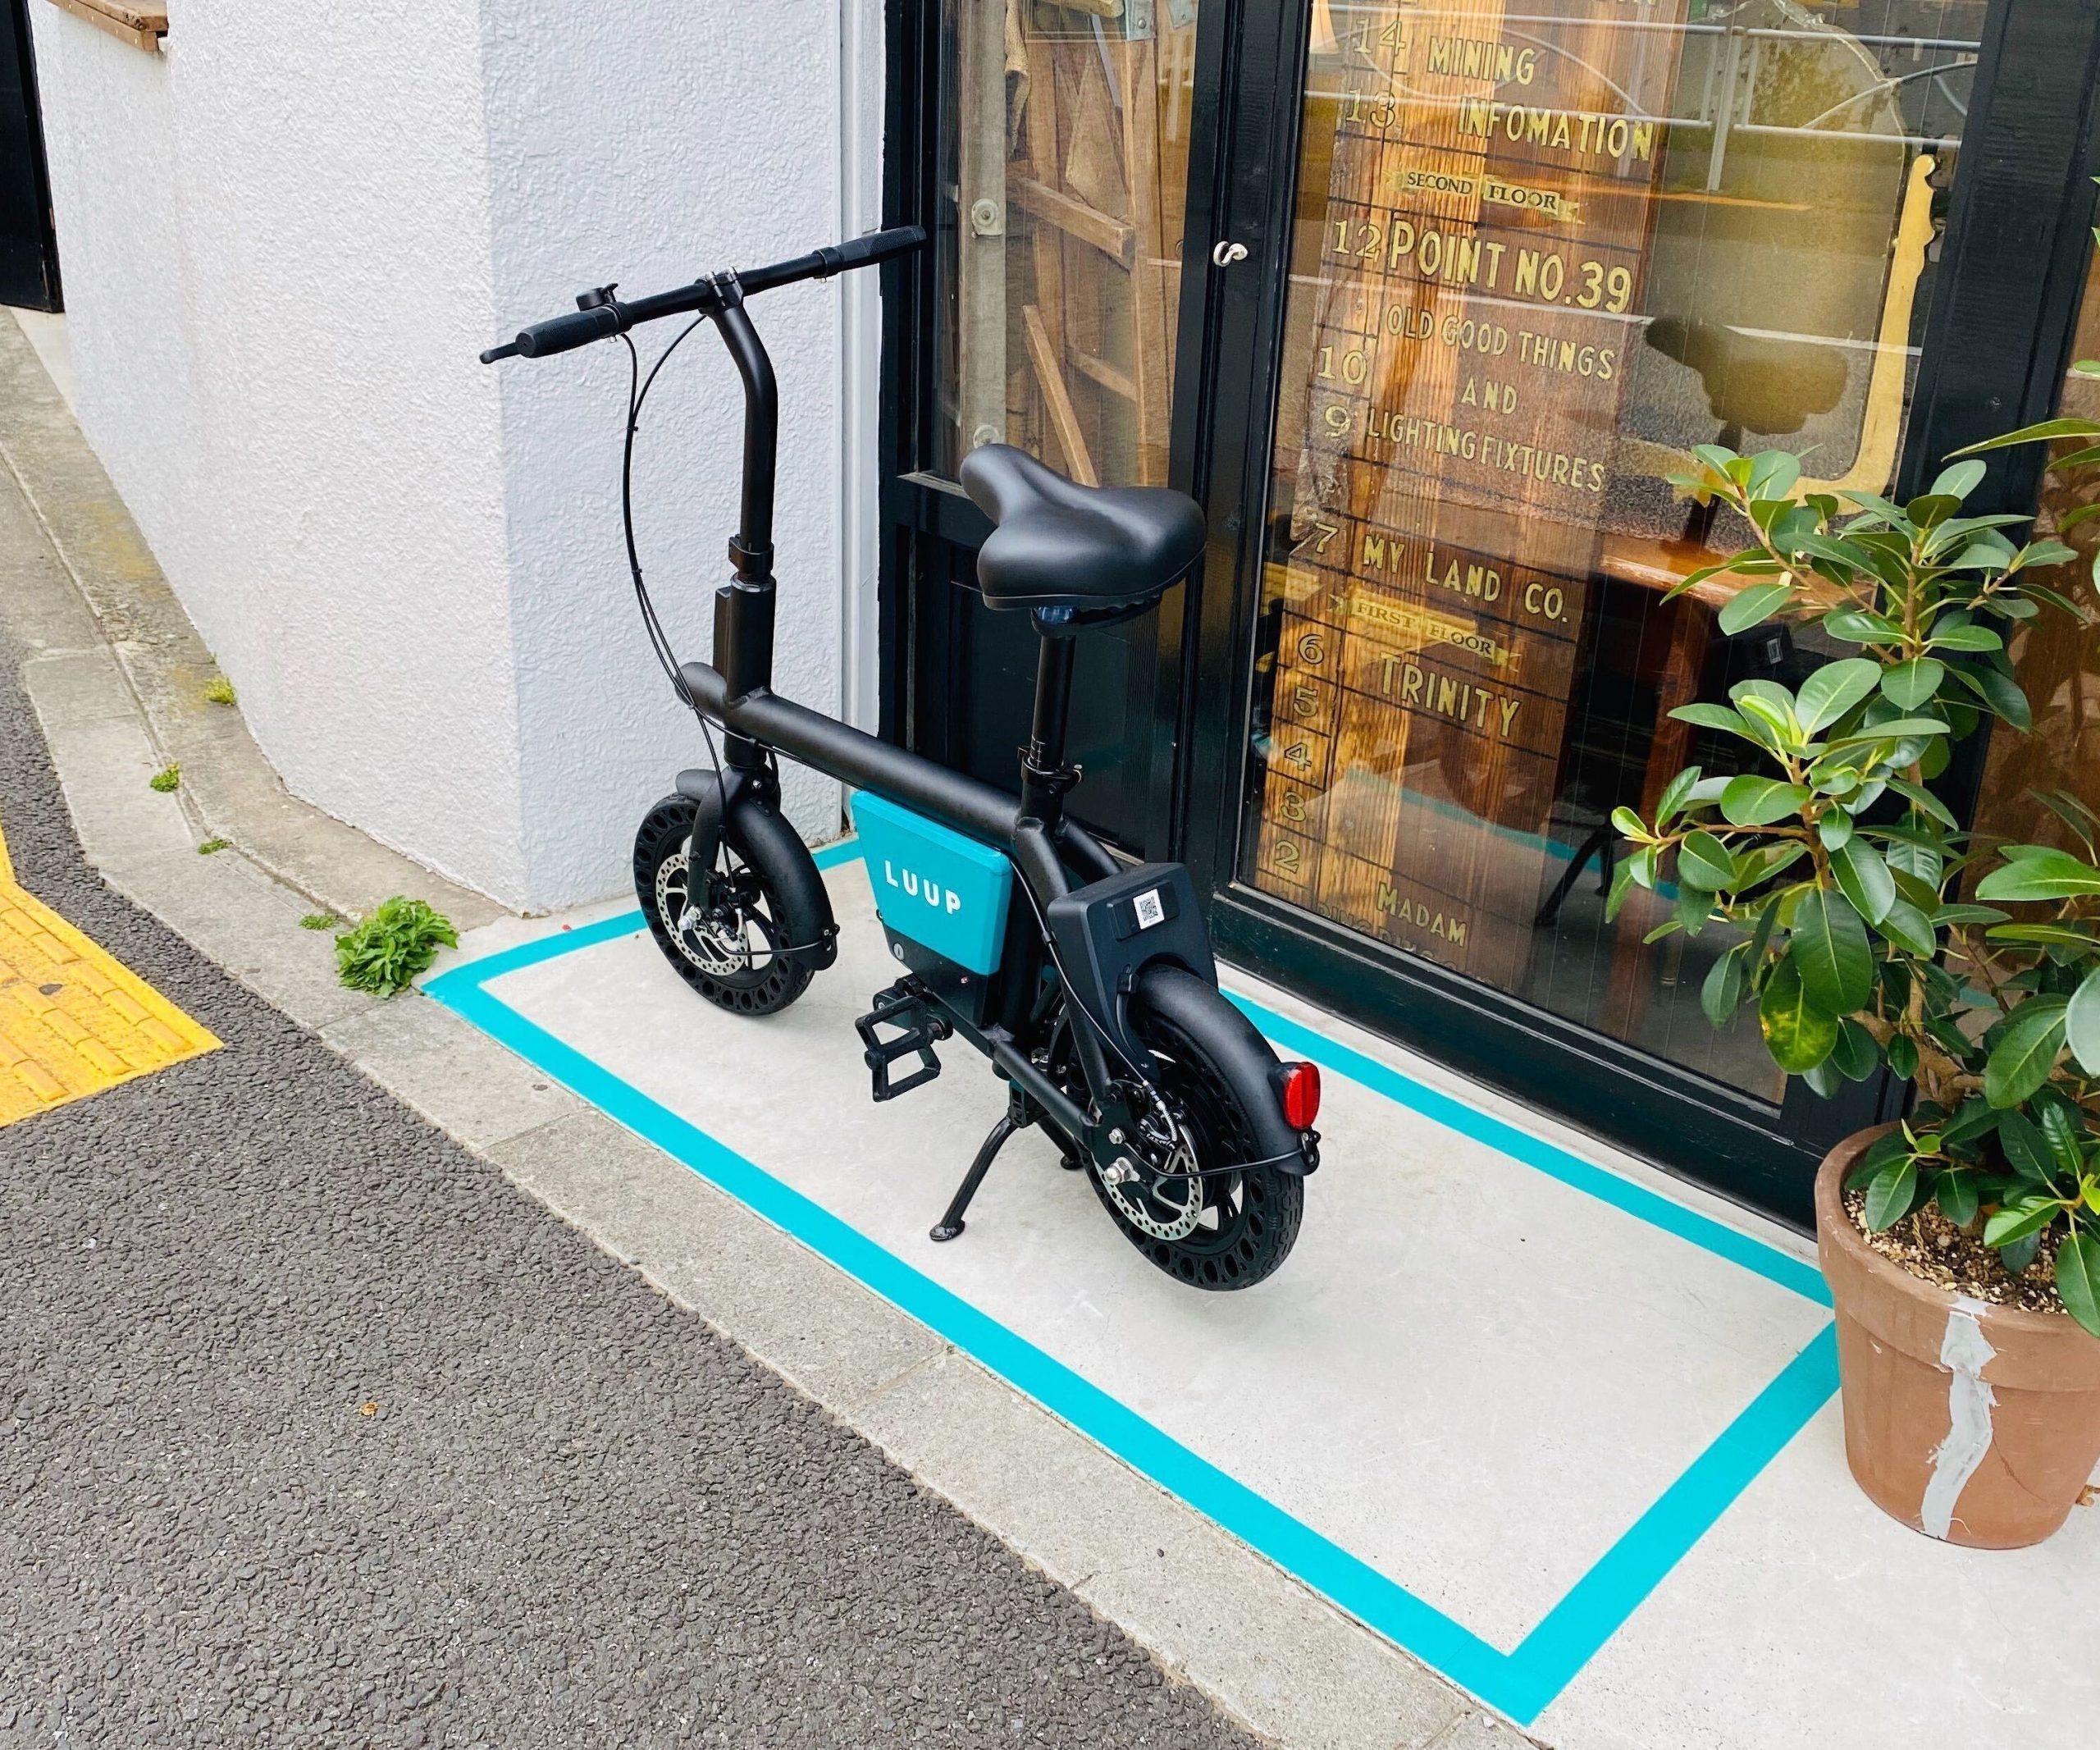 小型電動アシスト自転車の「LUUP」